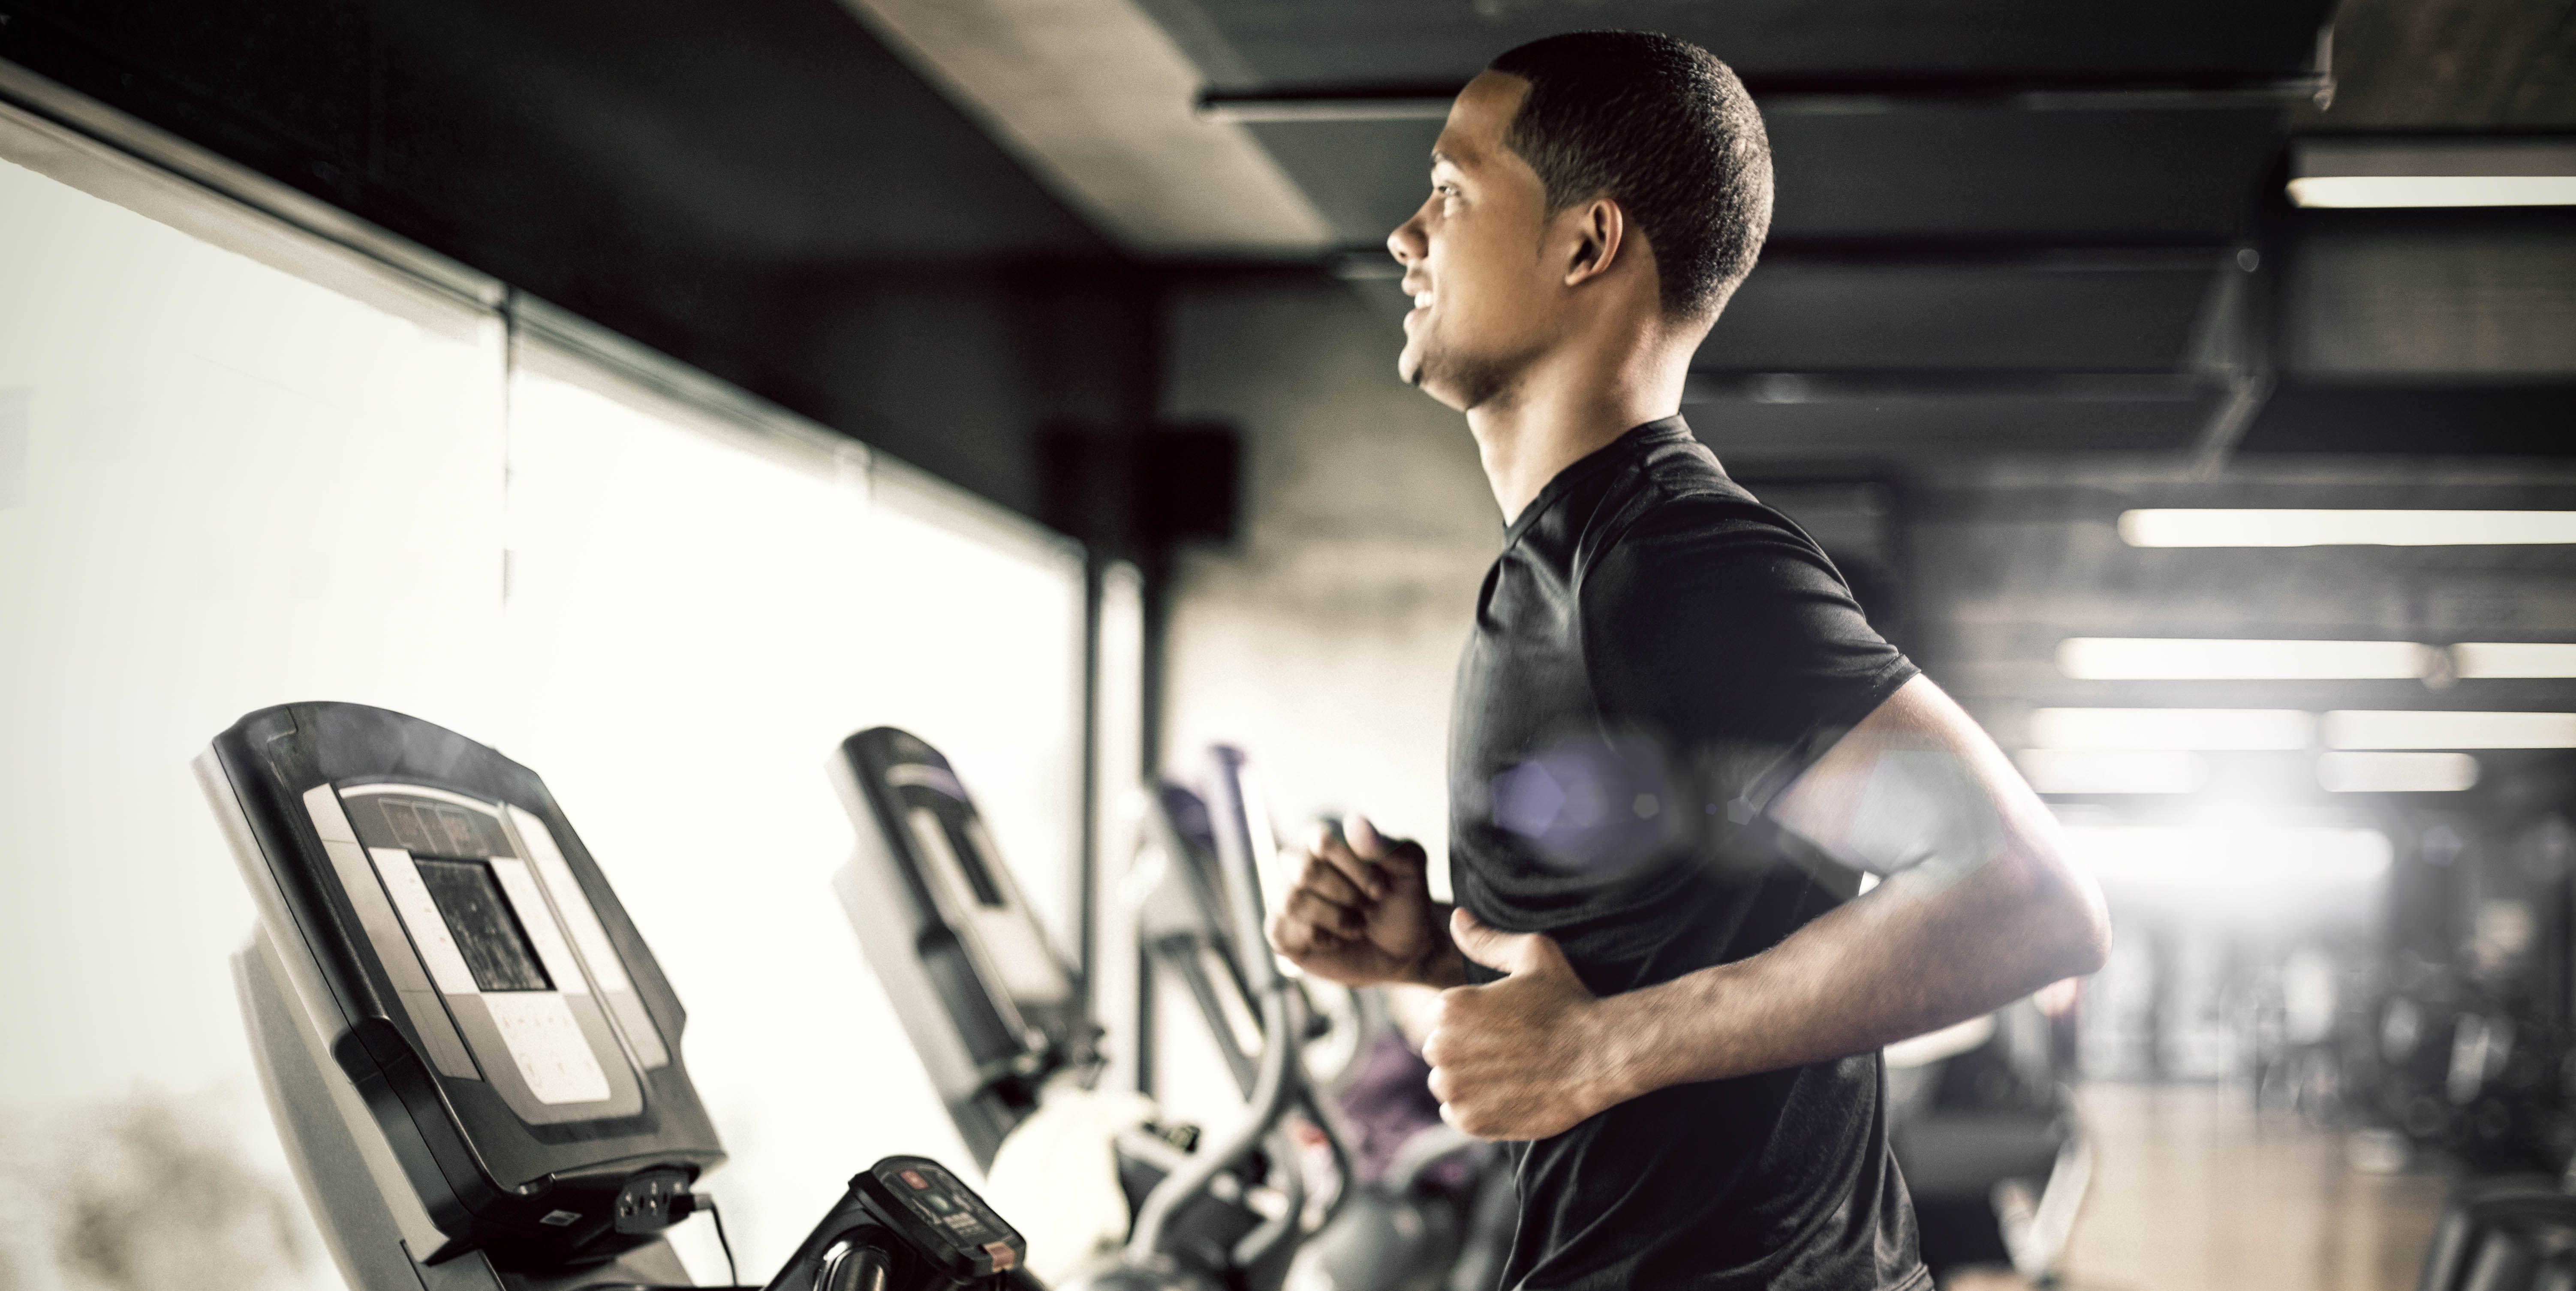 Healthy man Running on Treadmill